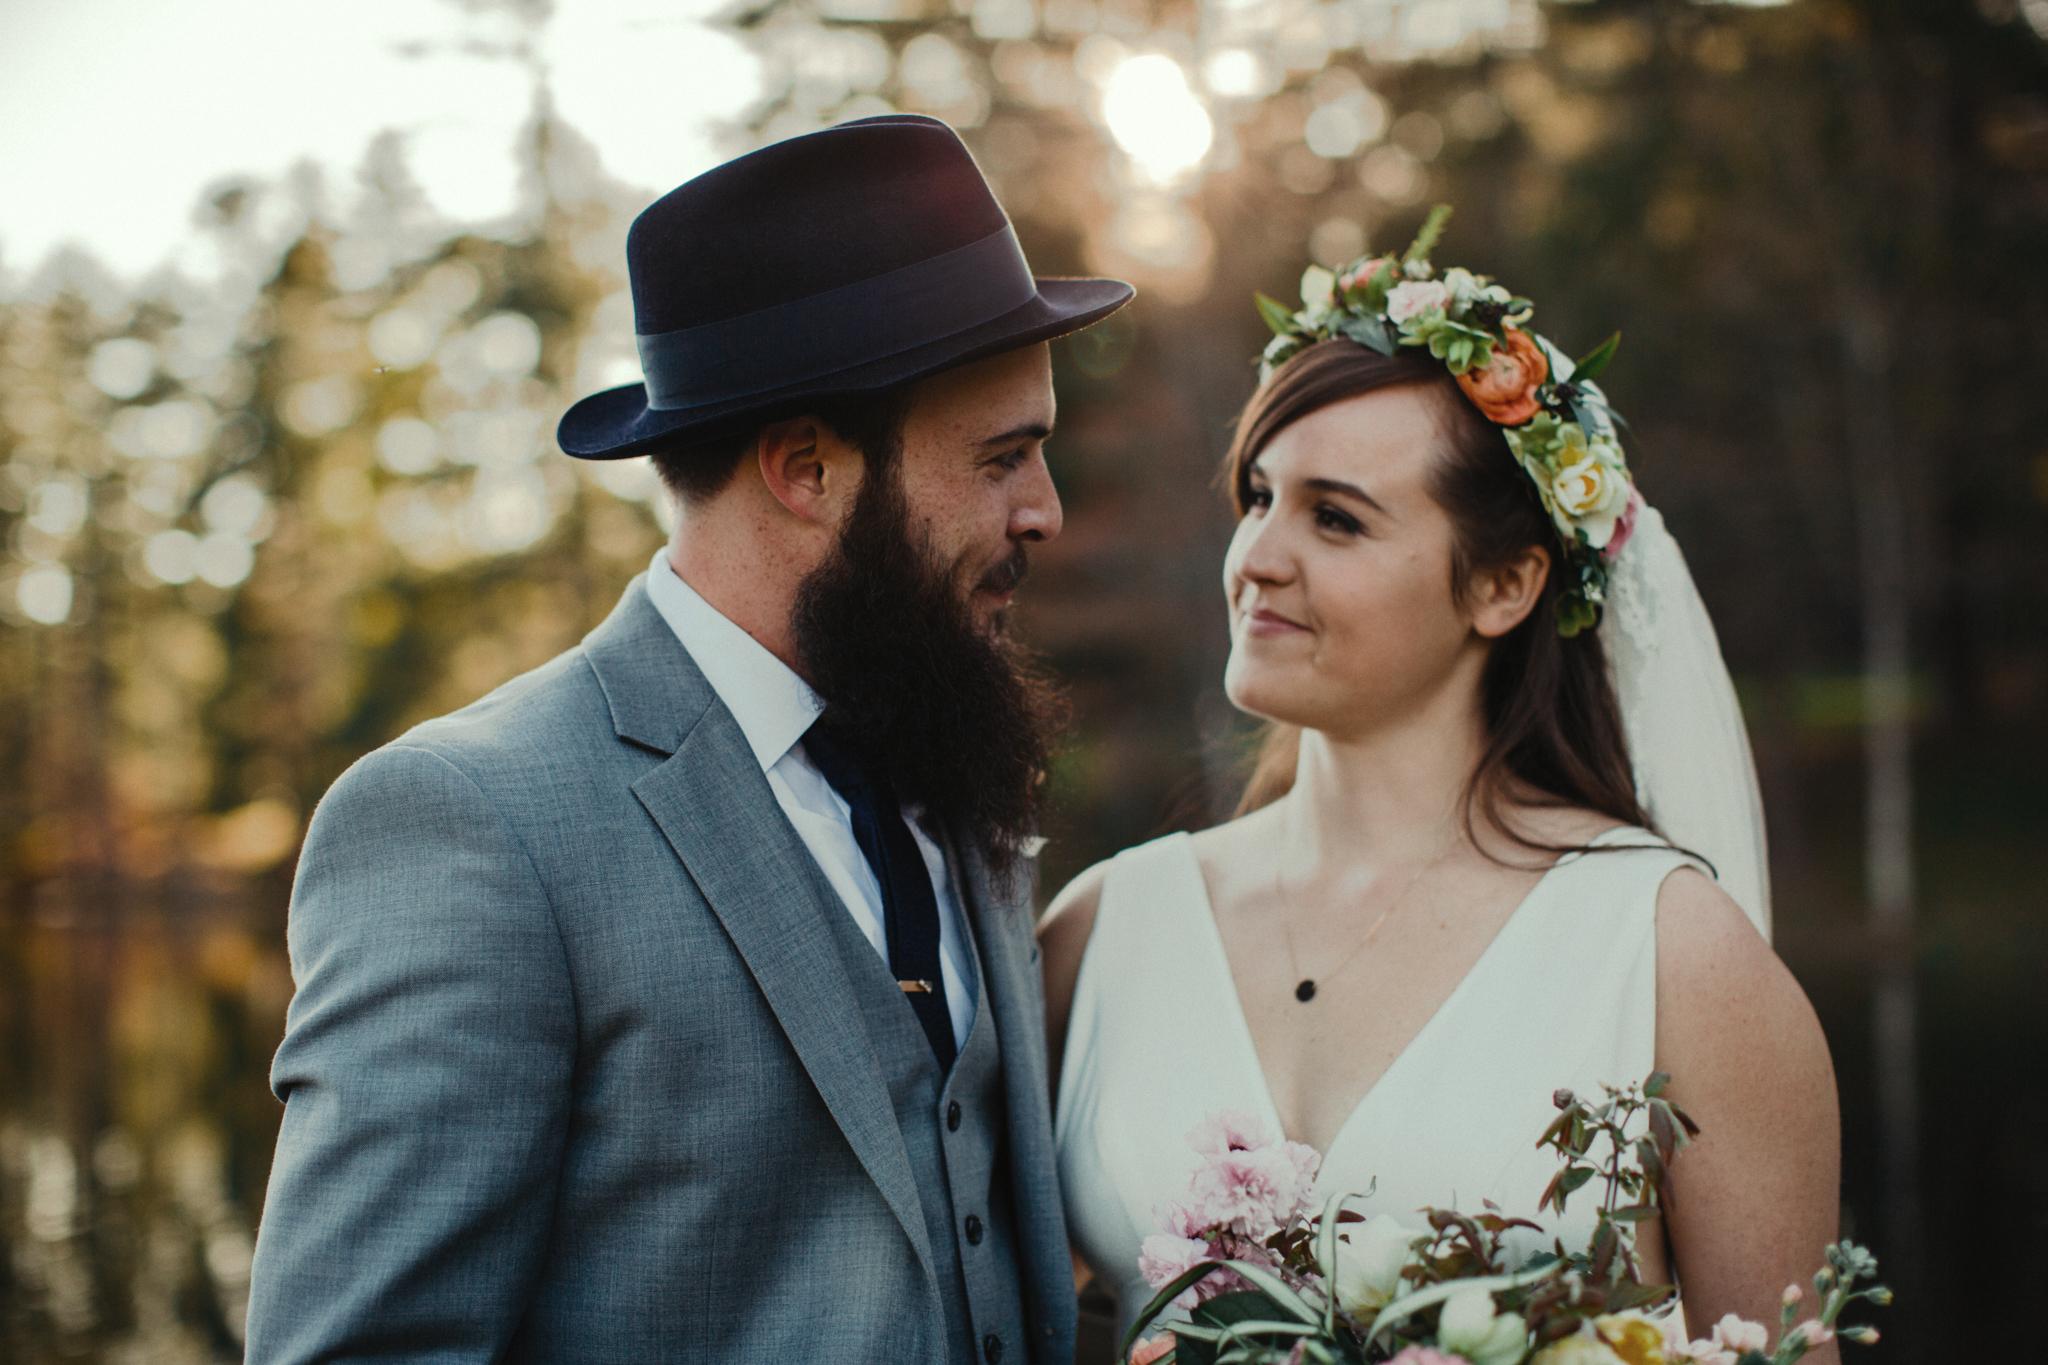 macon-luke-kanuga-wedding-web-resize-503.jpg